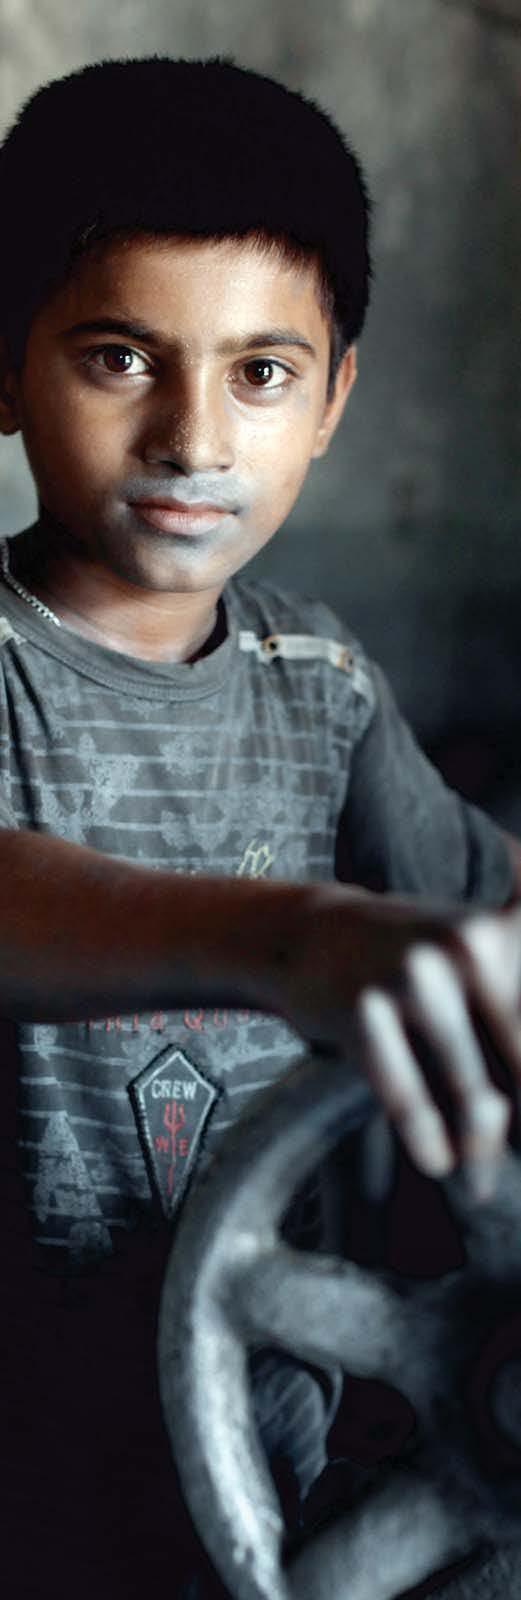 শিশুশ্রম ও বিশ্ব শ্রমিক দিবস । মামুন মাহফুজ